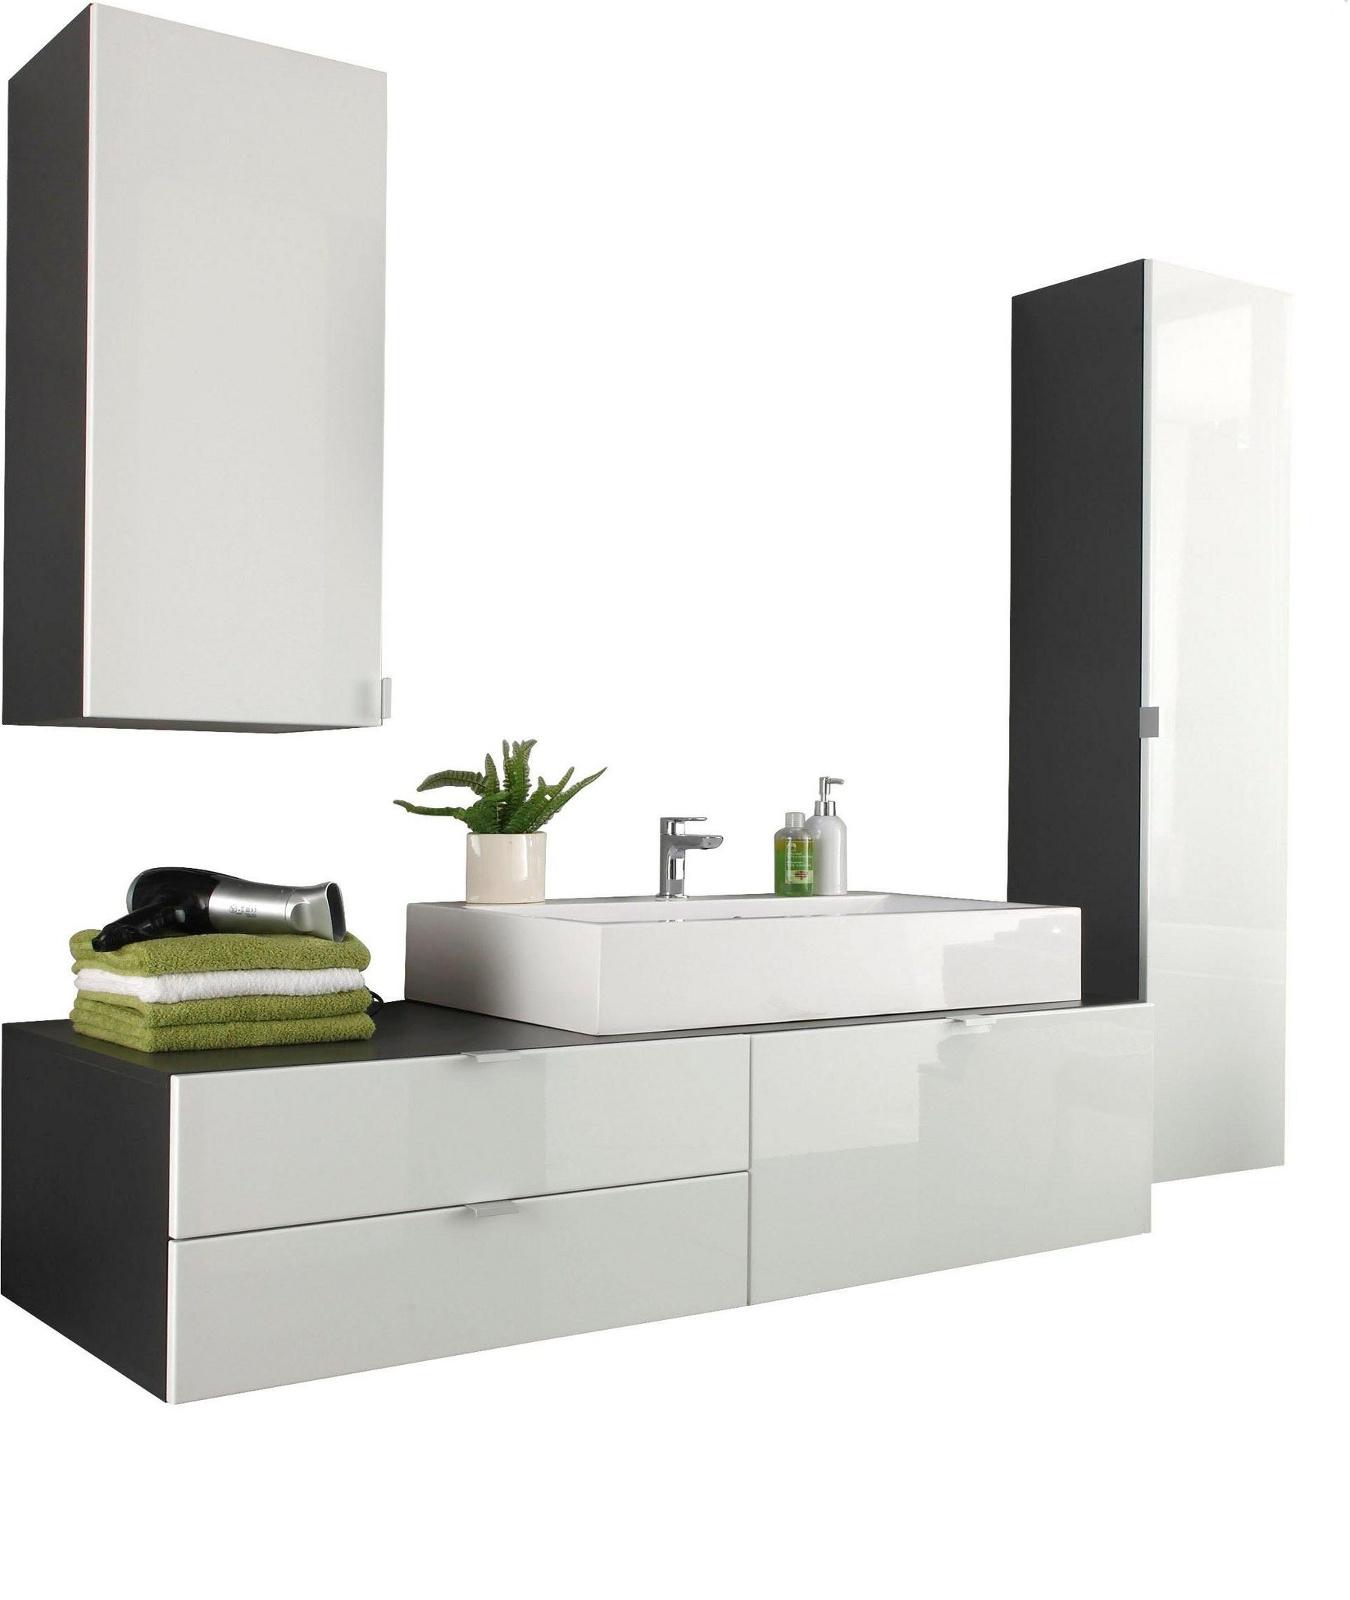 kernbuche massivholz sideboard teilmassiv ge lt und gewachst sehr moderne anrichte. Black Bedroom Furniture Sets. Home Design Ideas